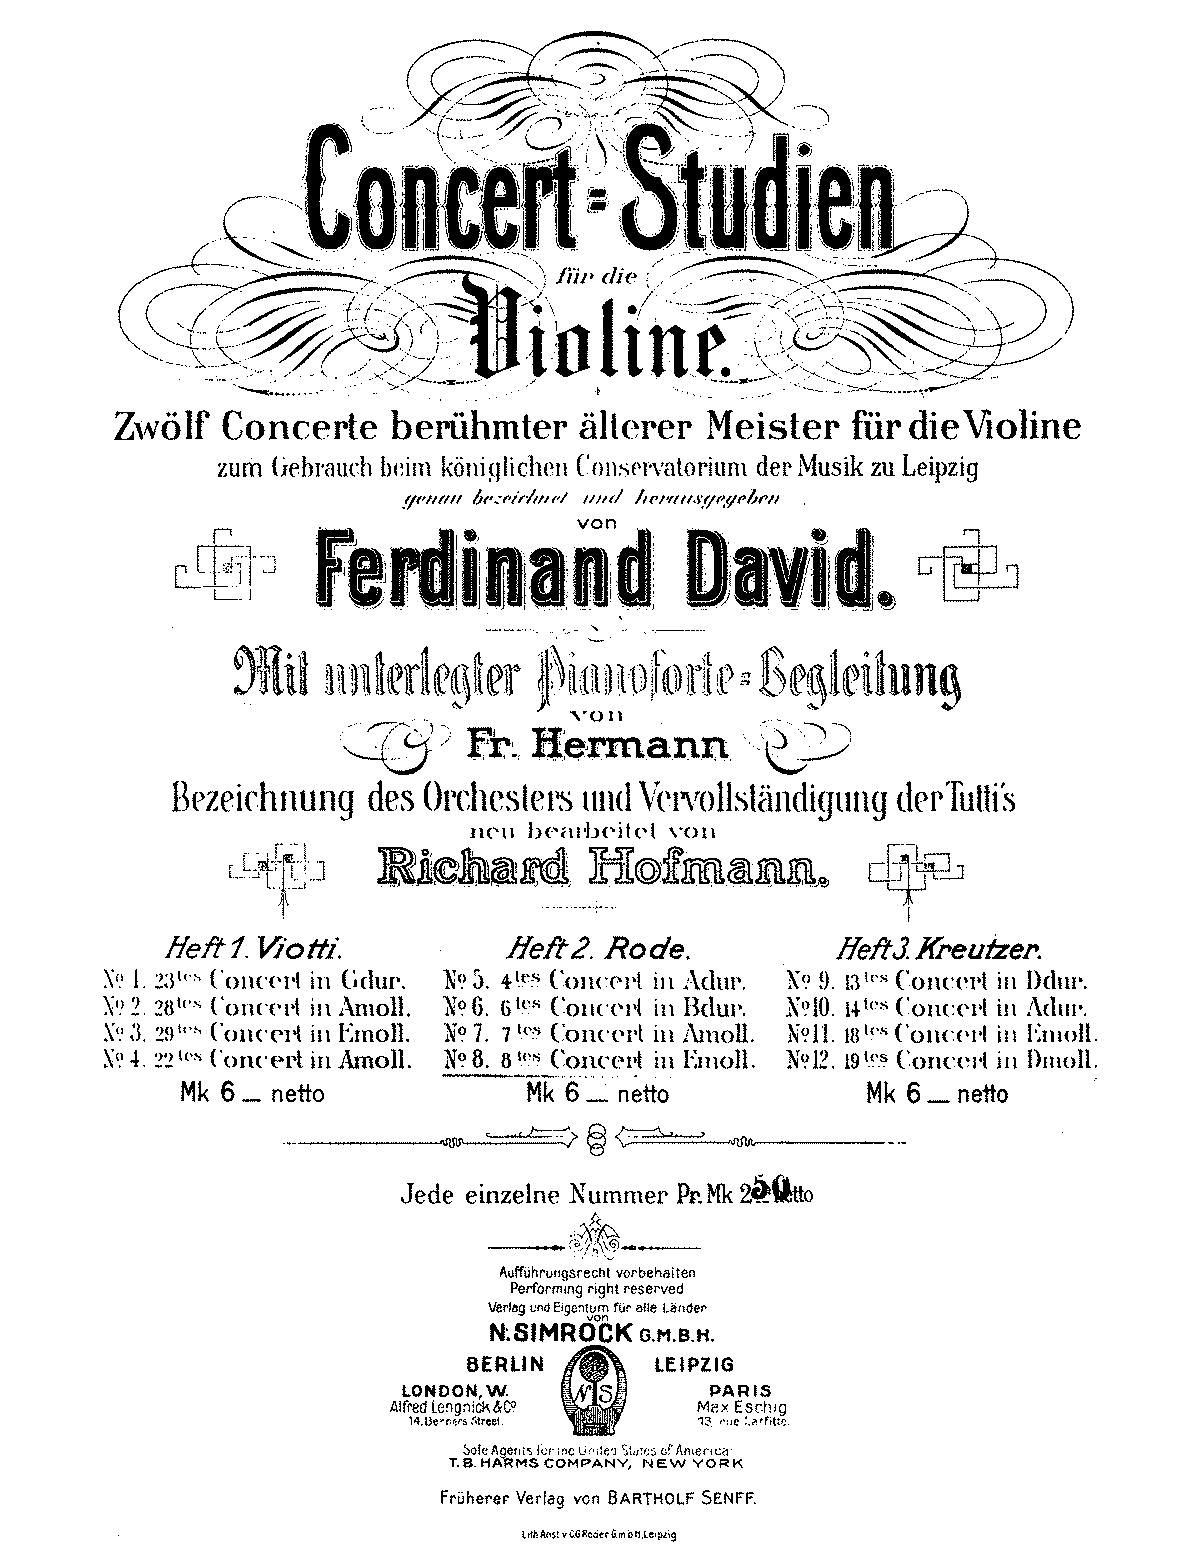 Violin Concerto No.8 in E minor, Op.13 (Rode, Pierre